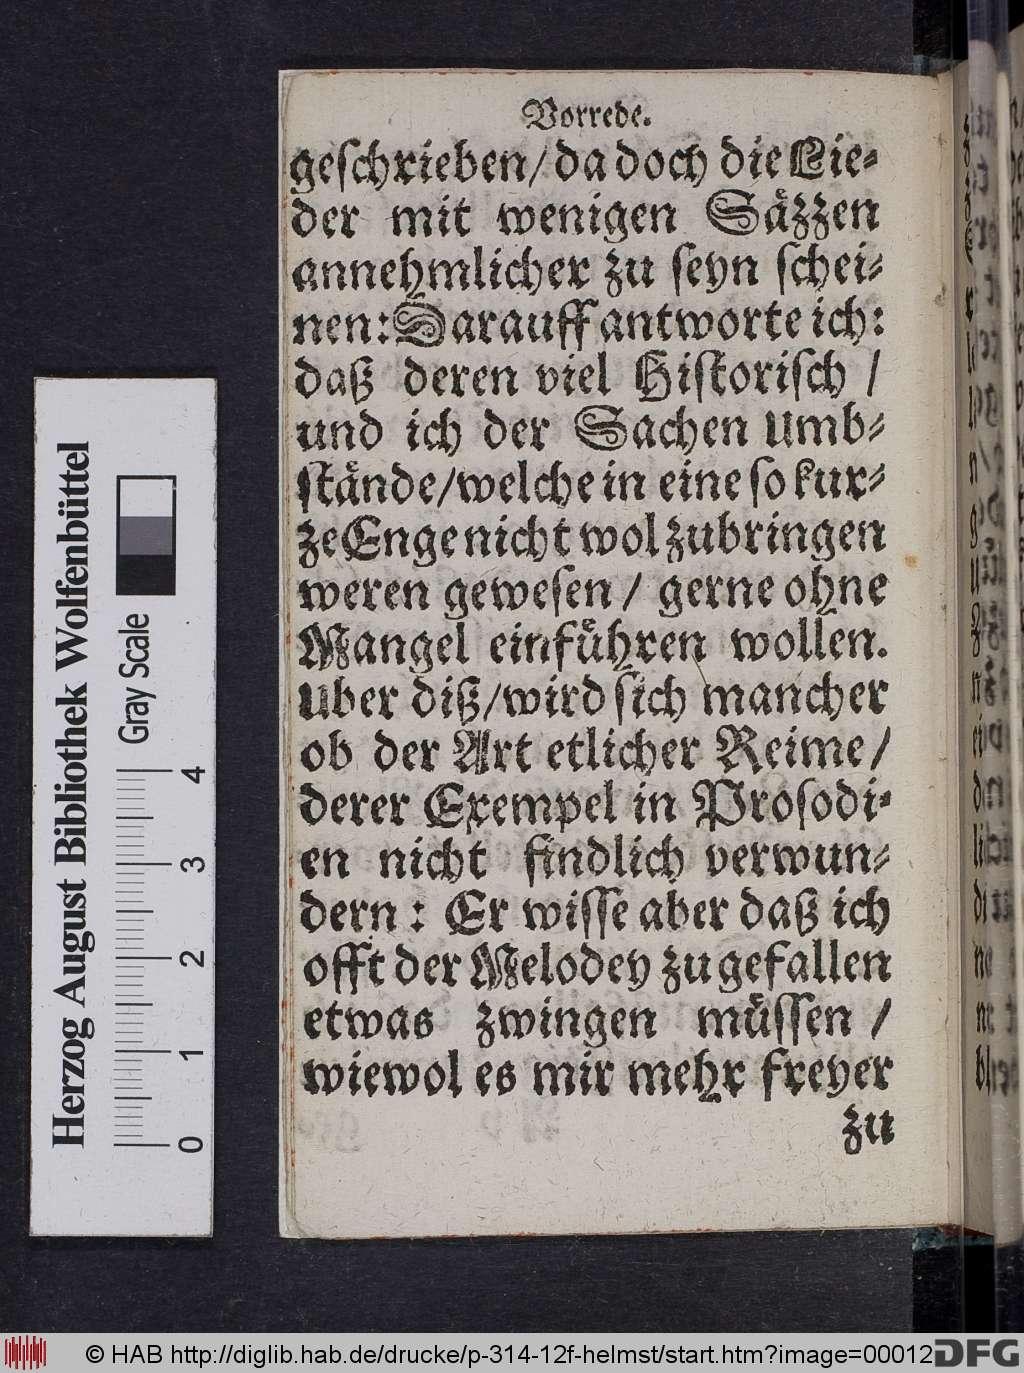 http://diglib.hab.de/drucke/p-314-12f-helmst/00012.jpg